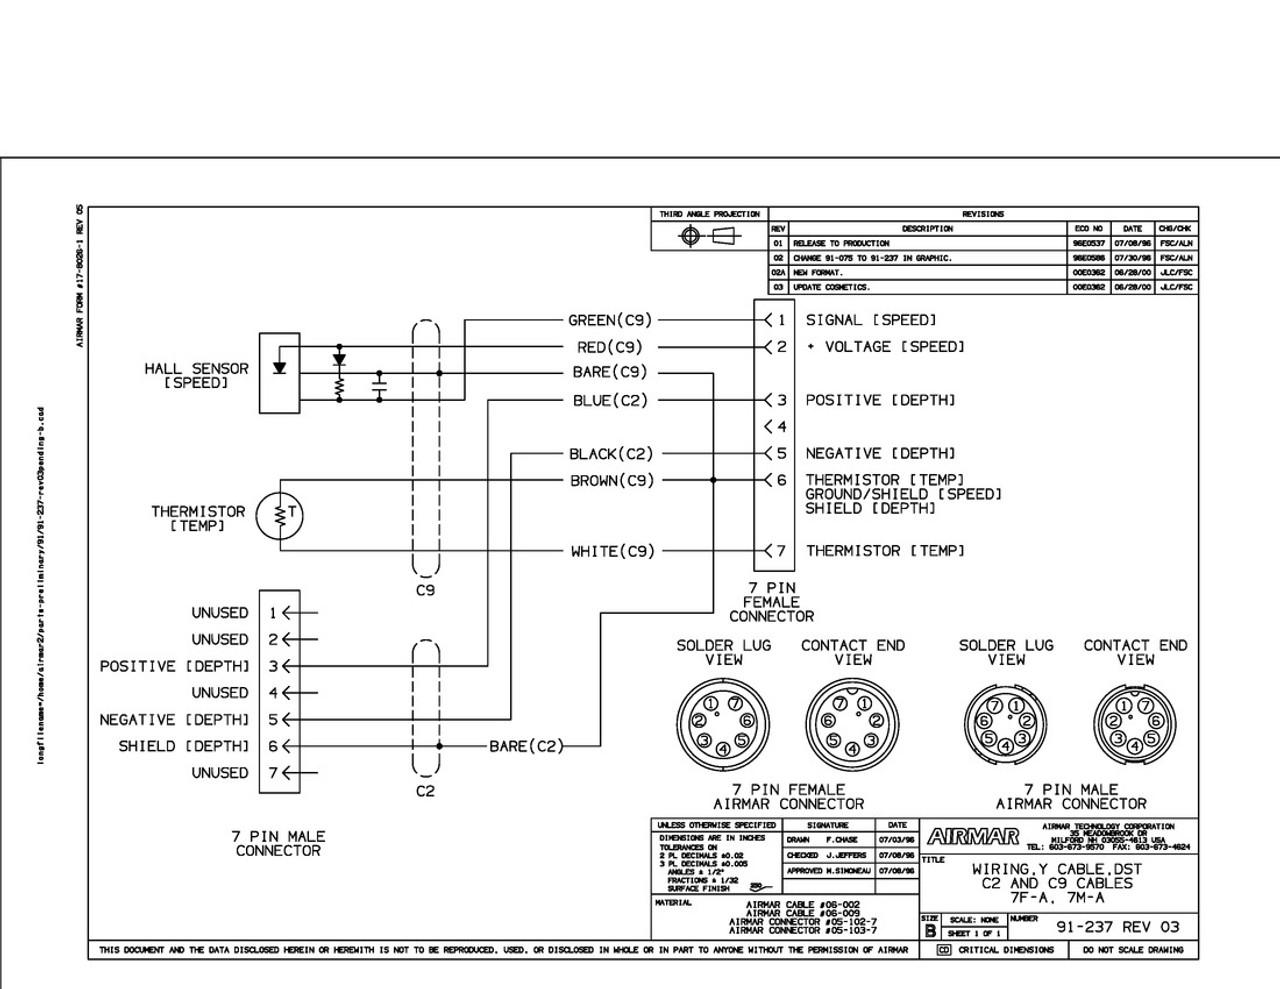 medium resolution of garmin transducer wiring diagram 4 pin wiring librarygarmin transducer wiring diagram 4 pin